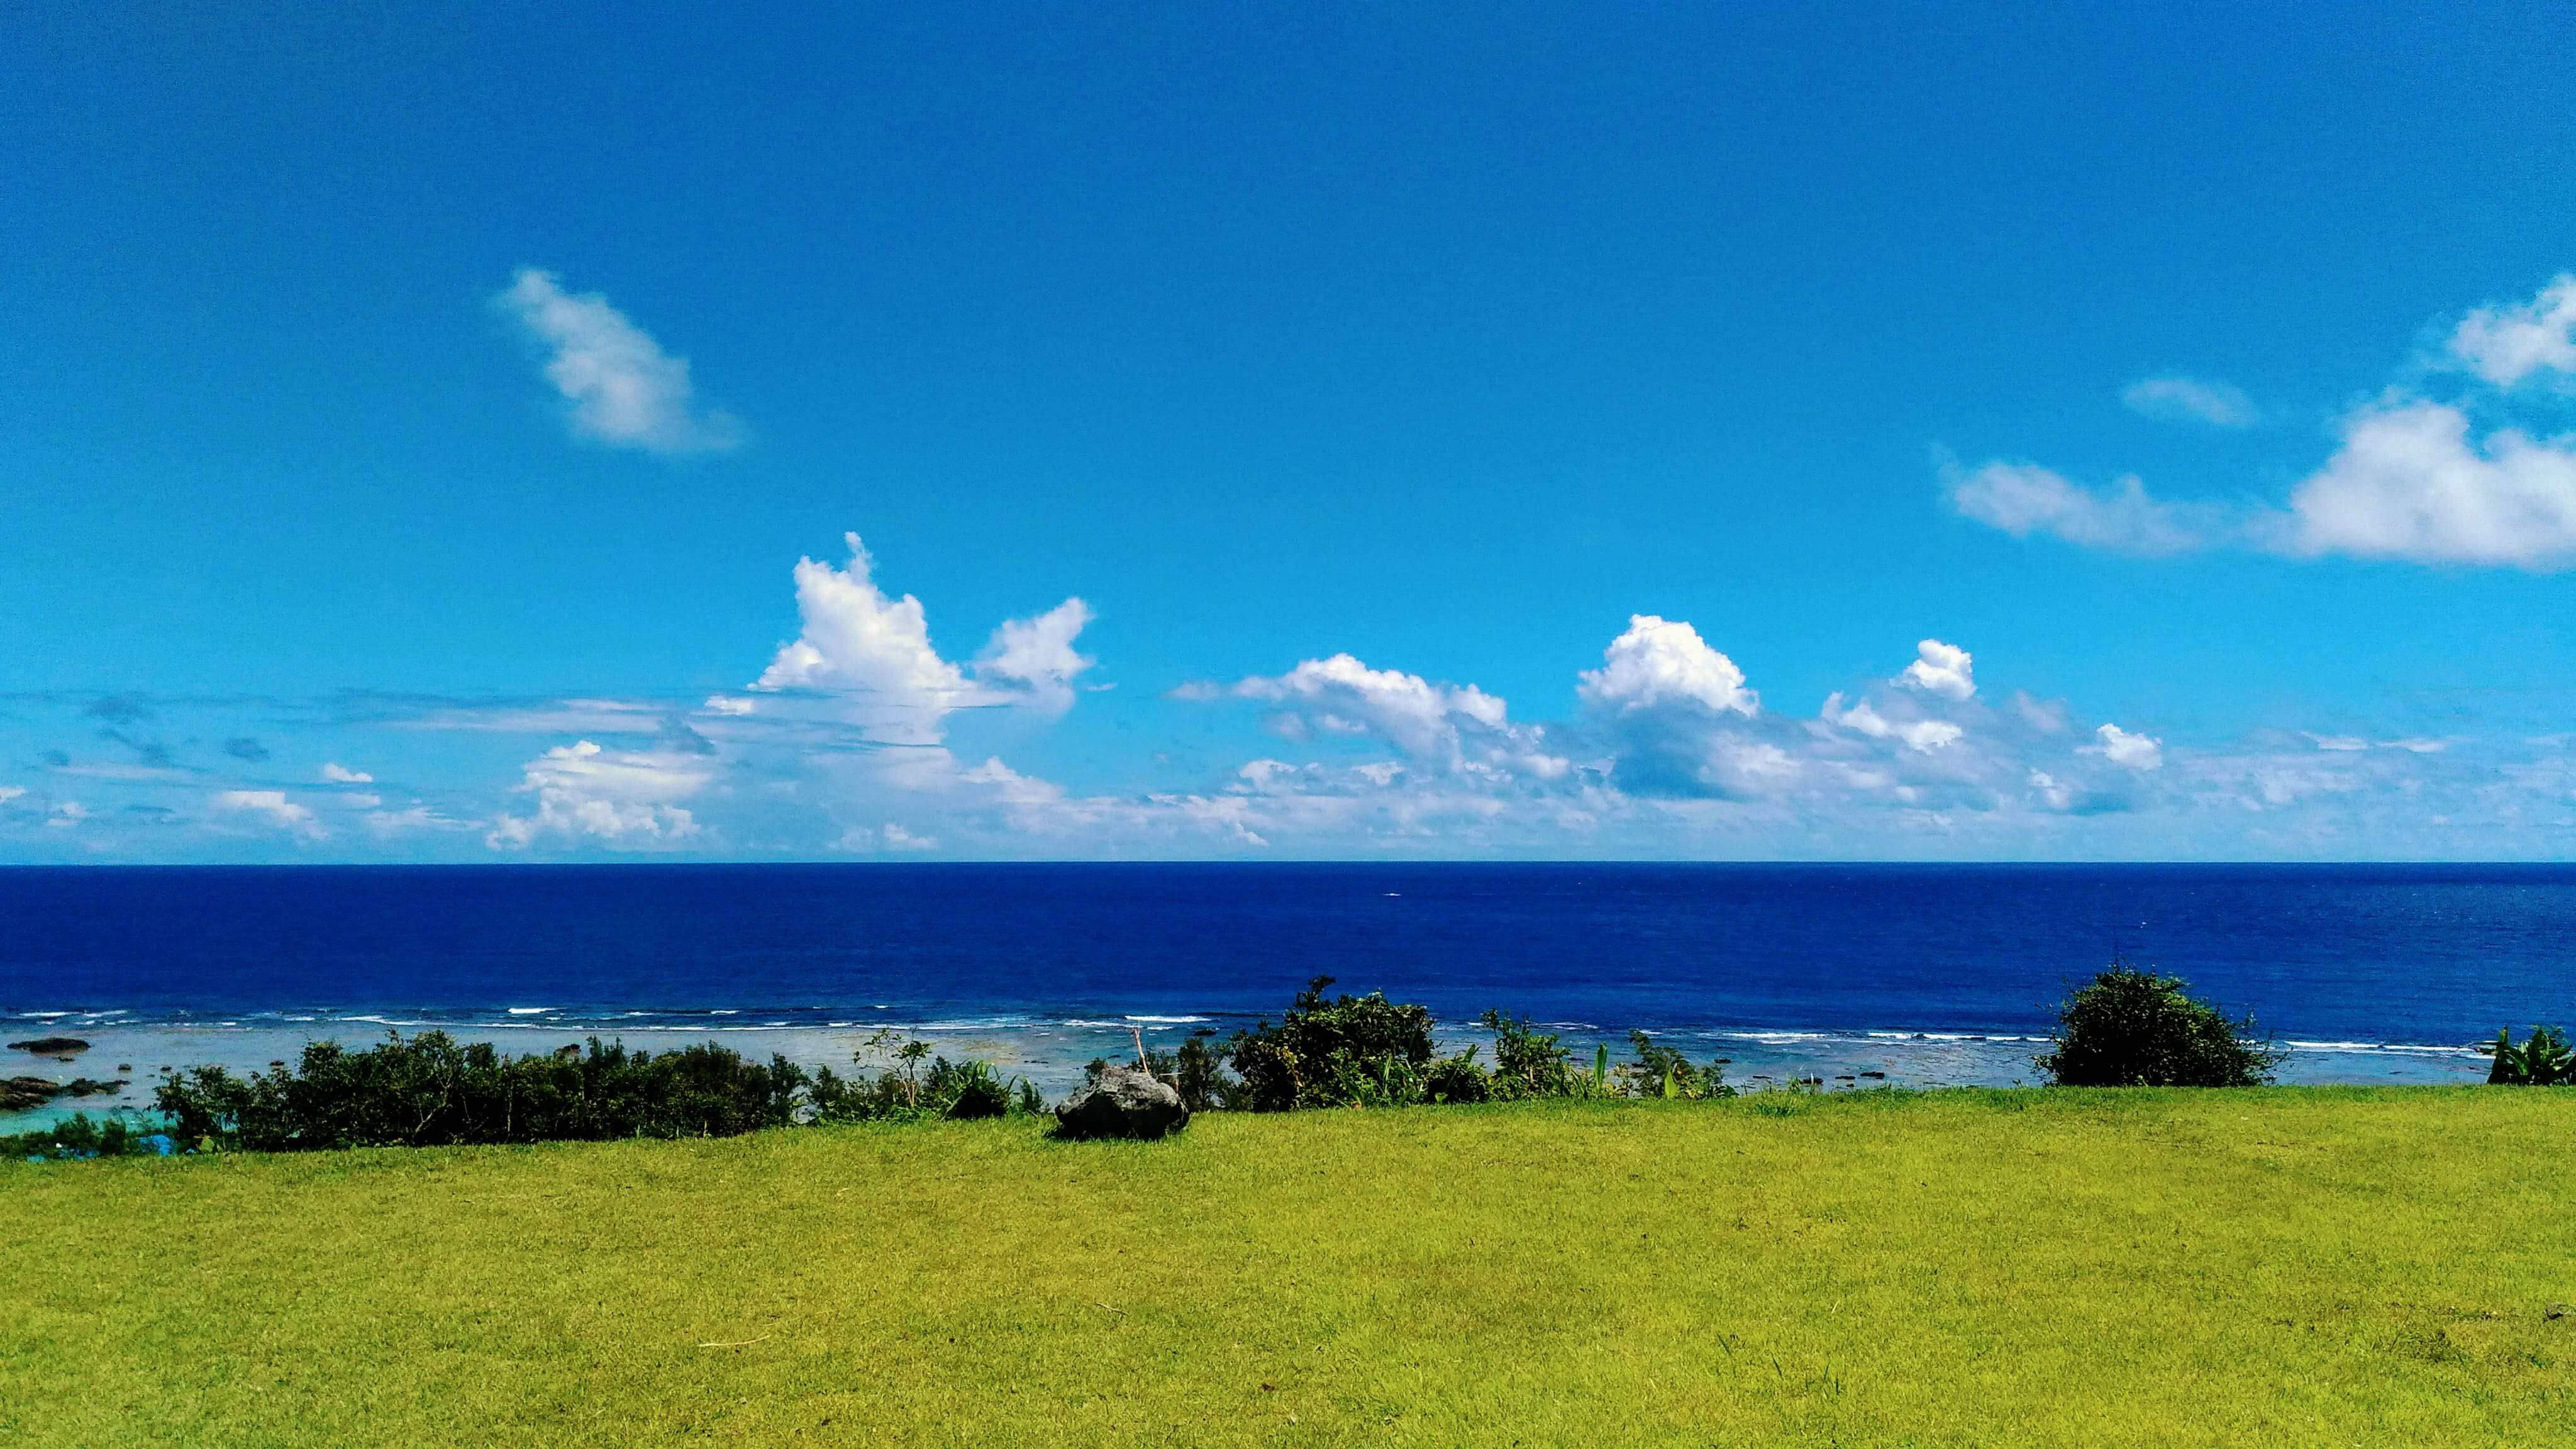 青い海と緑の芝生とのコントラストが最高!